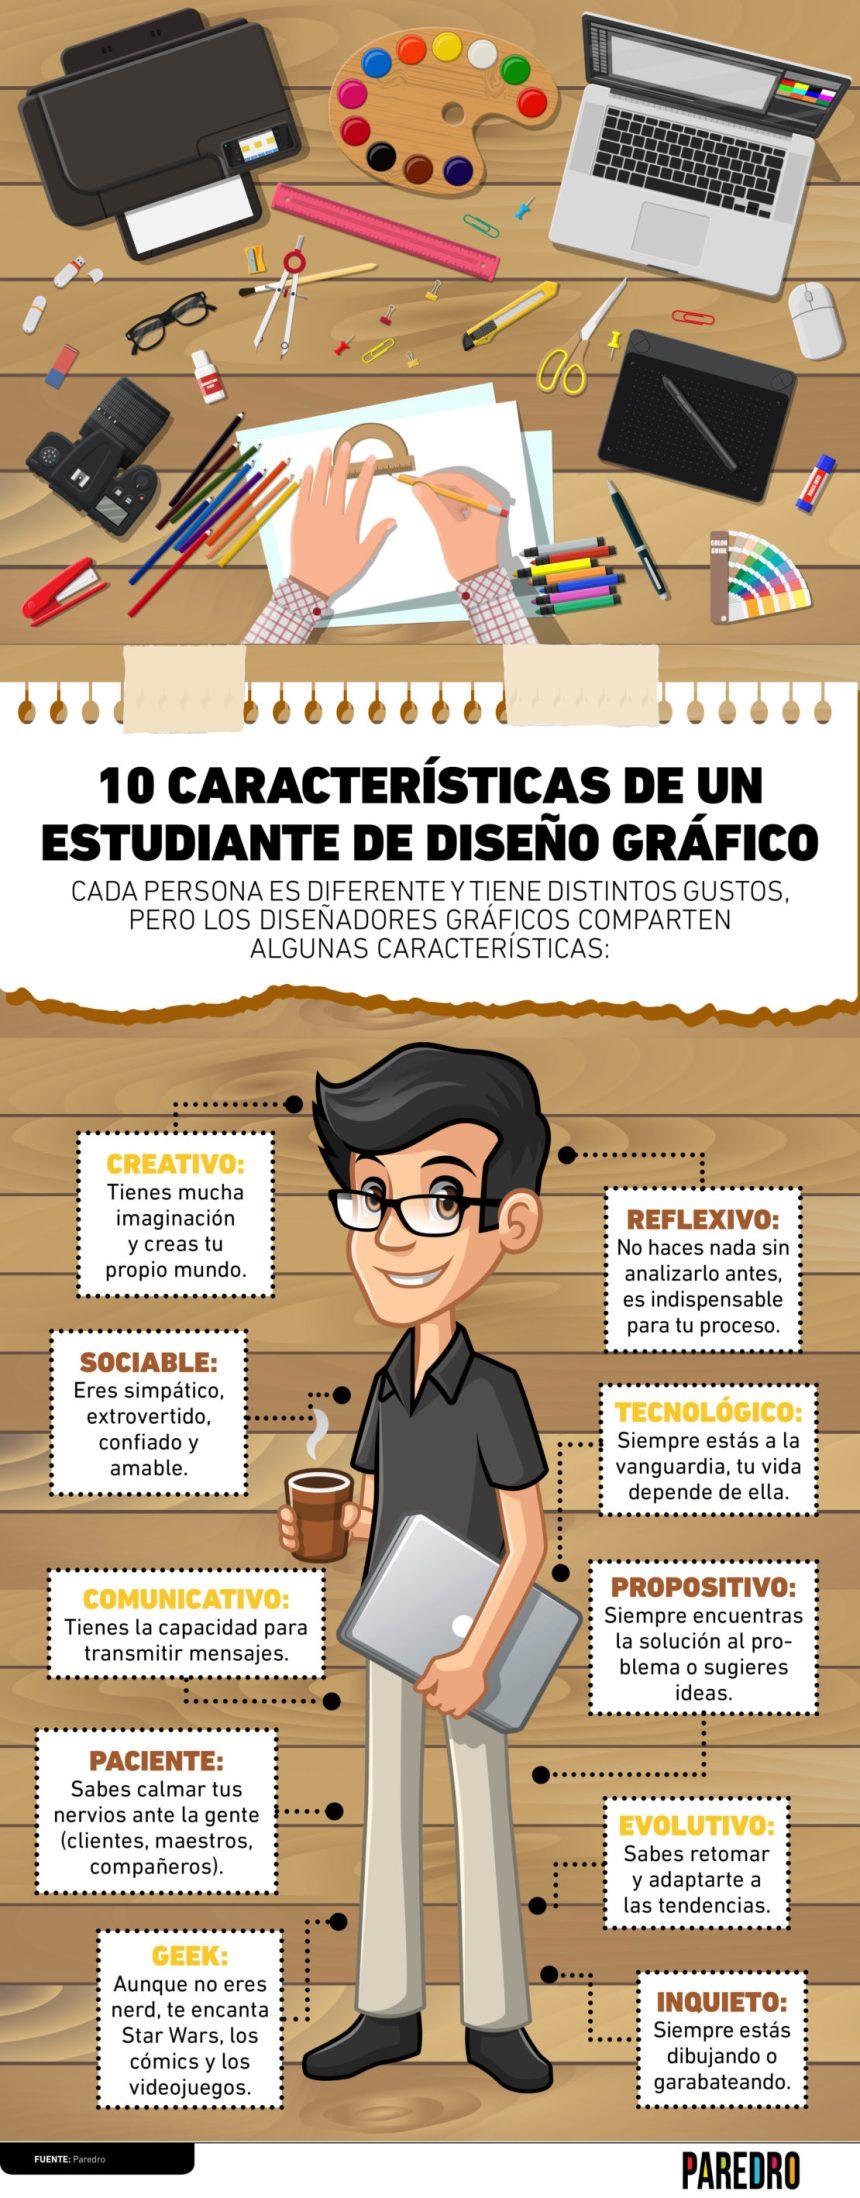 10 características de un estudiante de Diseño Gráfico